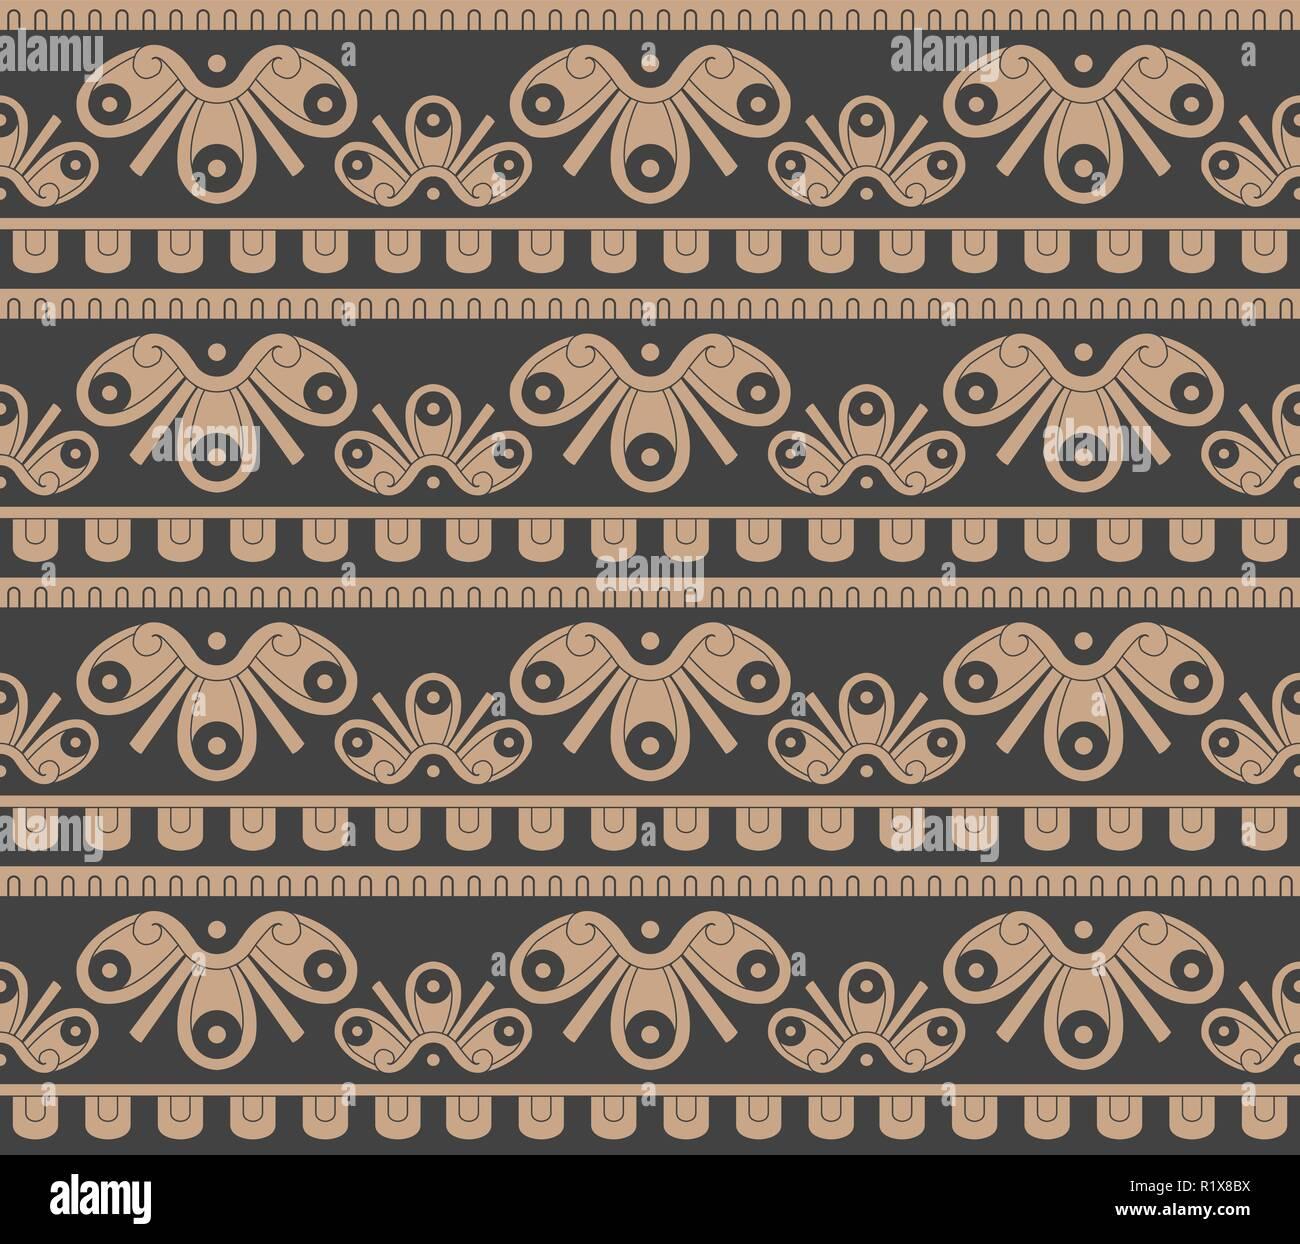 Vettore senza giunture di damasco pattern retrò curva di sfondo geometria  trasversale aboriginal linea del telaio bdde842a844